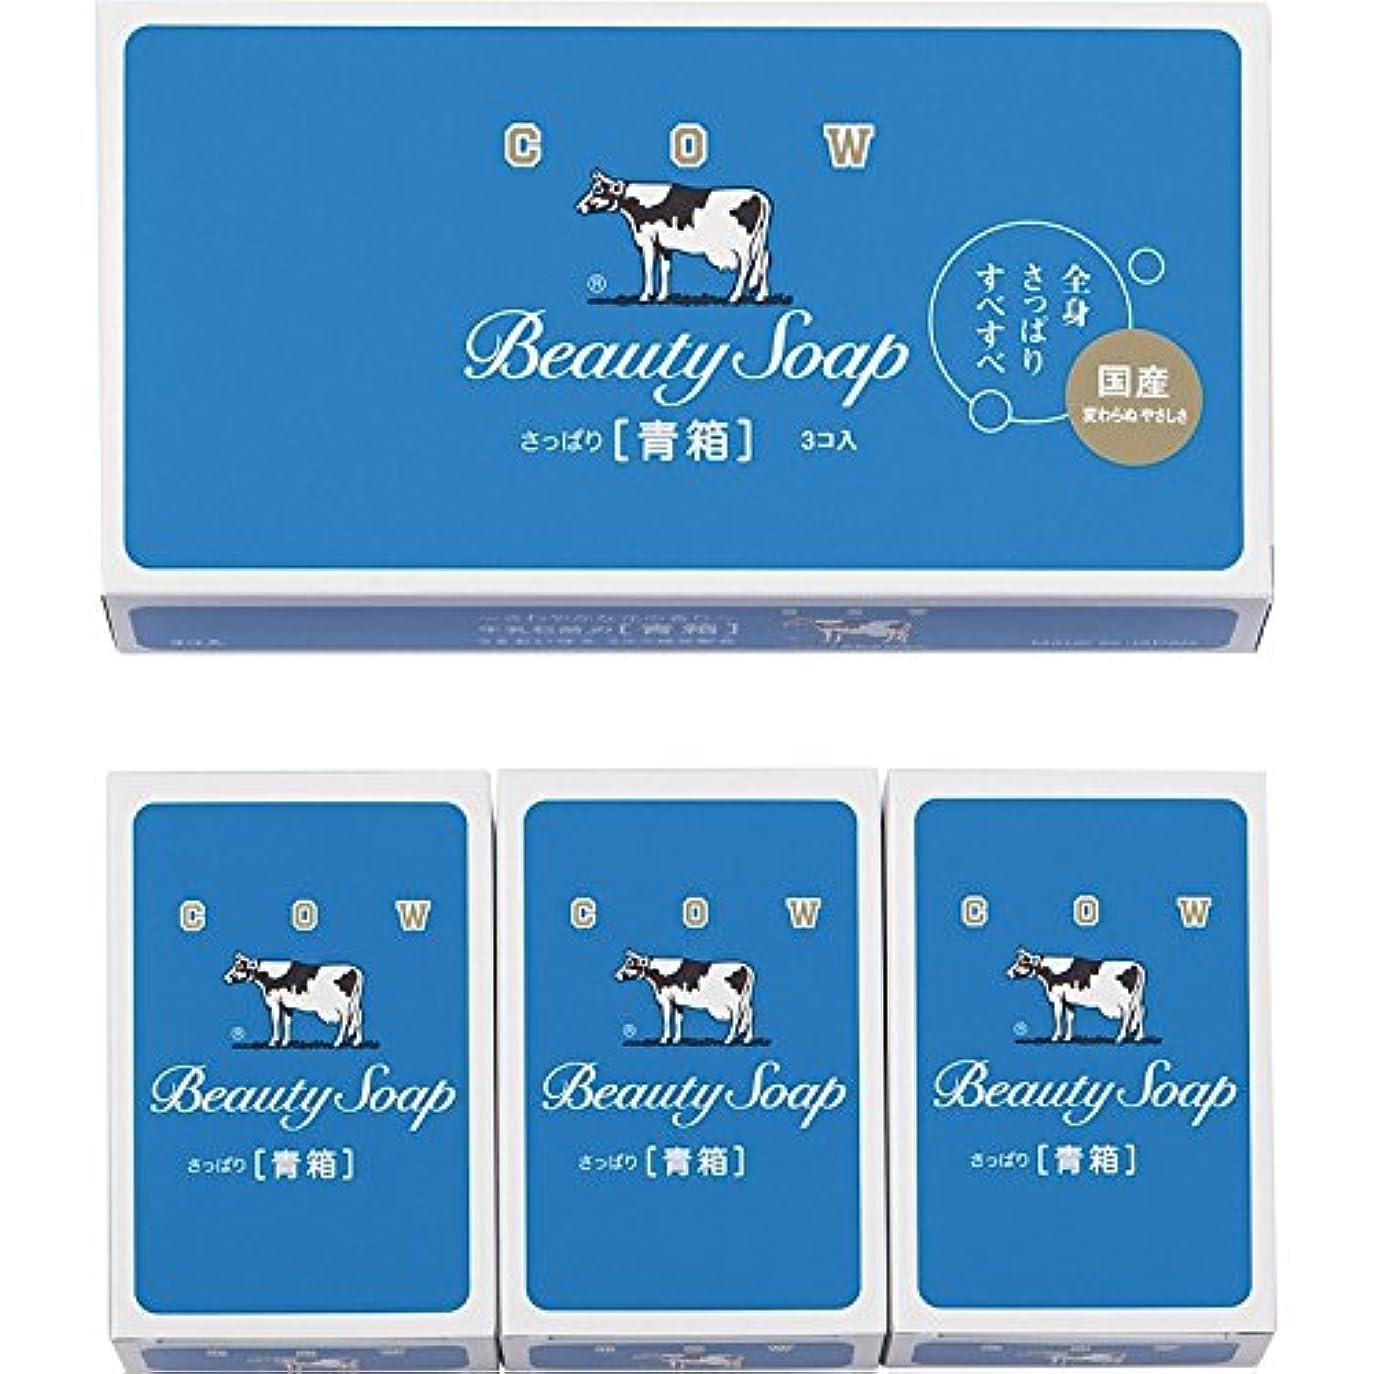 明快証言するアーサーコナンドイル牛乳石鹸 青箱3コ入 【国産 日本製 せっけん ぎゅうにゅうせっけん カウブランド かうぶらんど かまだきせんざい じゃすみん はなのかおい 手洗い 】